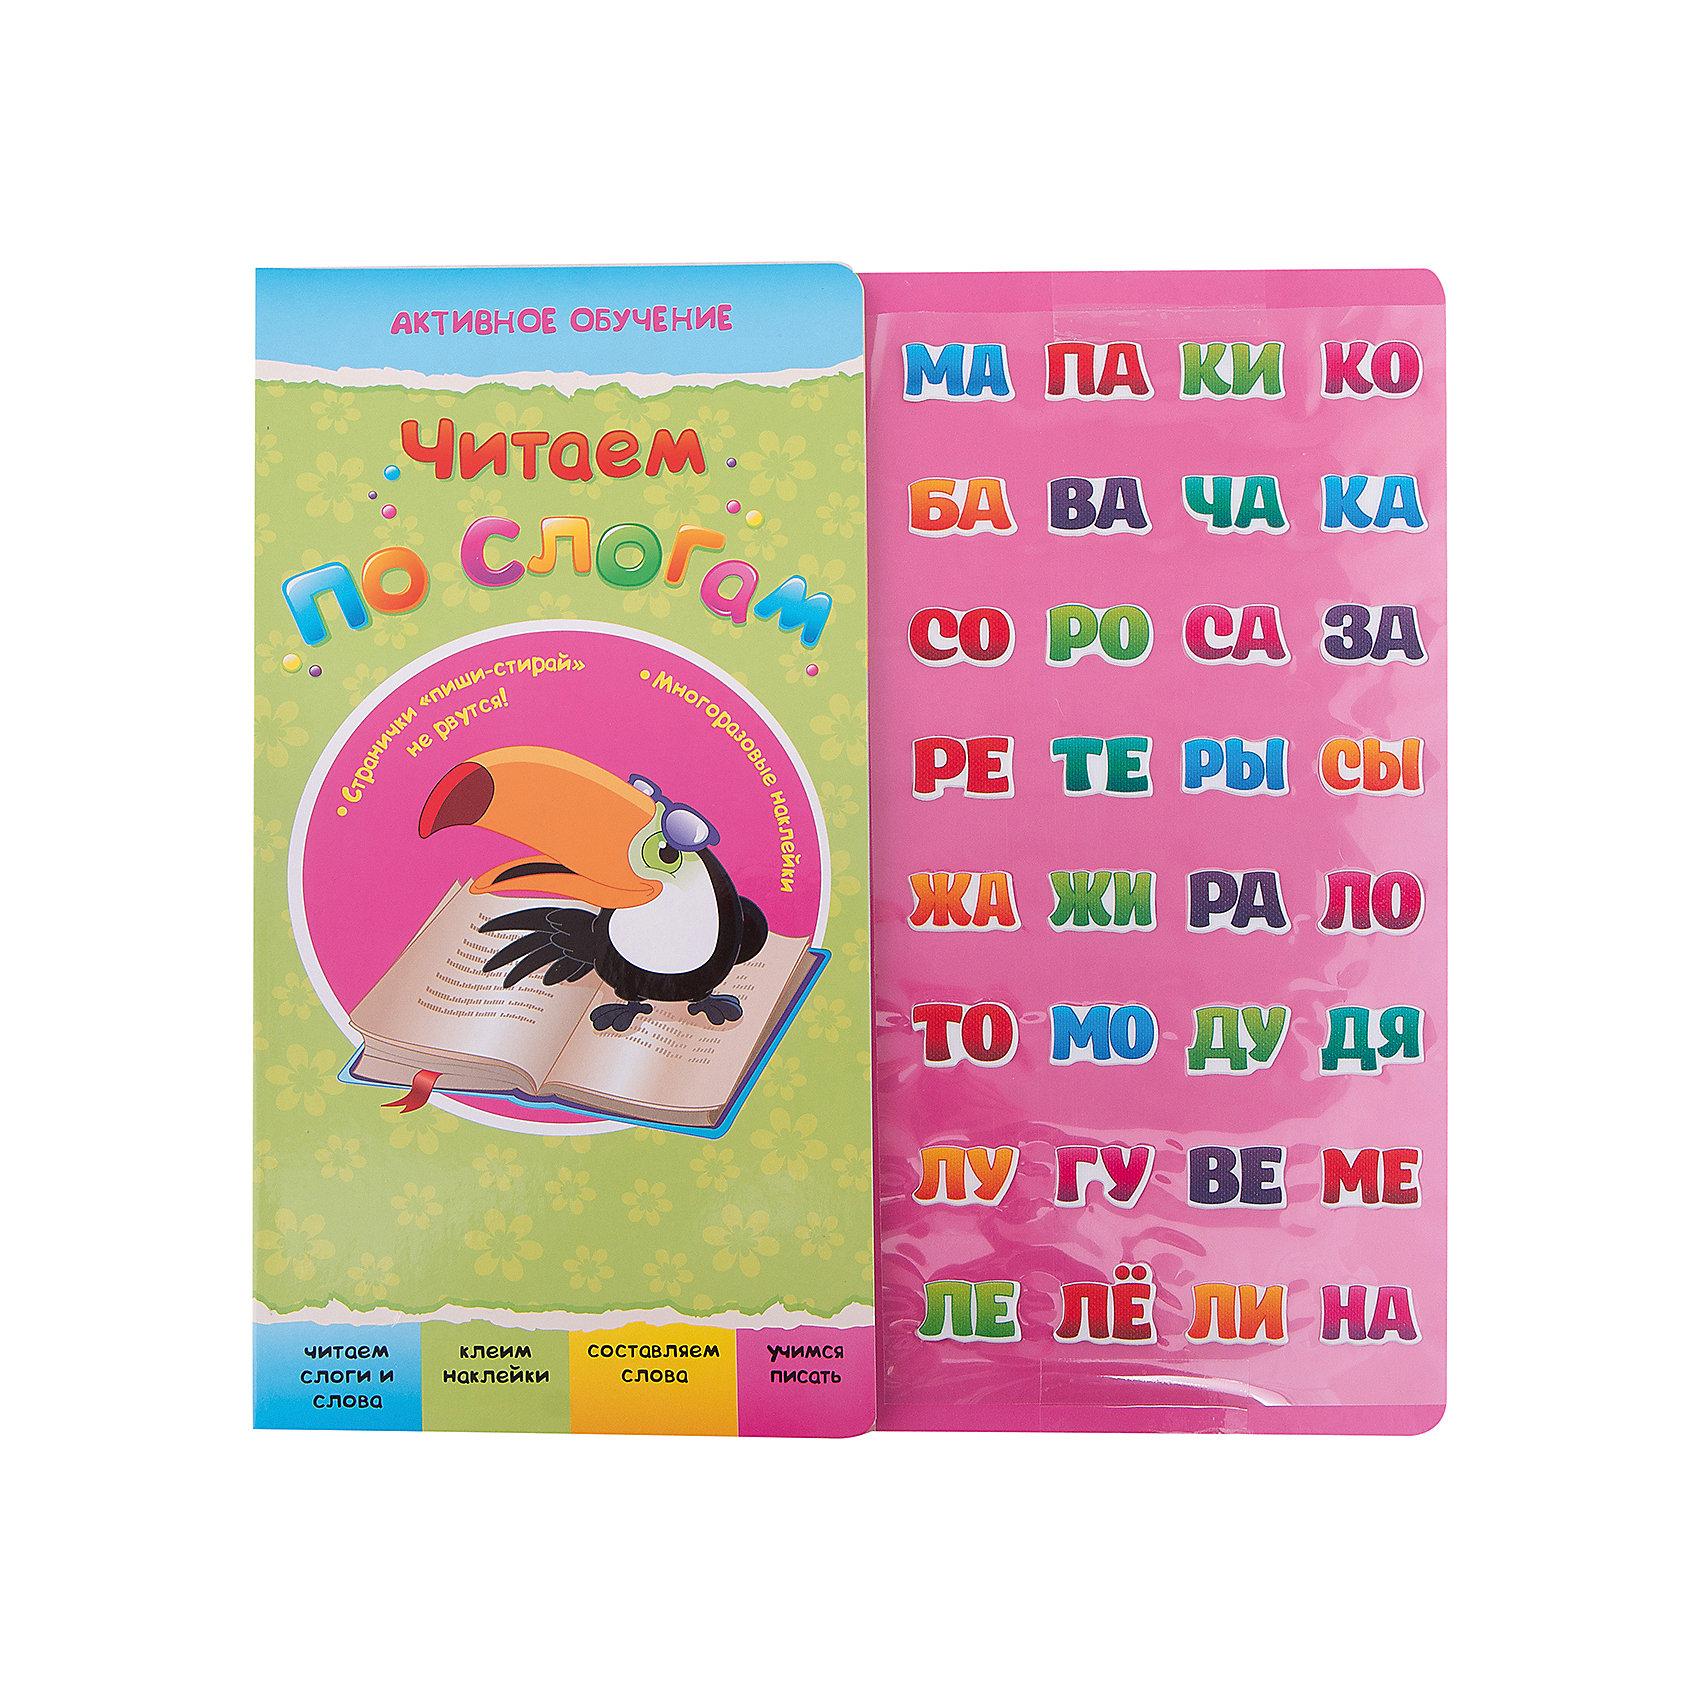 Наклейки Читаем по слогам, Ю. ЮгаЧитаем по слогам, Ю. Юга, наклейки – красочная книга с наклейками серии «Активное обучение» в игровой форме научит малыша читать по слогам.<br>Ты уже учишься читать? Вот молодец! В этой книге тебя ждут многоразовые яркие наклейки-слоги. Приклеивай наклейки, составляй слова, читай слоги и слова, учись писать! С помощью наклеек-слогов ты сможешь научиться составлять много разных слов. Страницы книги «пиши-стирай» не рвутся! Ты можешь писать слова фломастером, стирать тряпочкой и писать снова!<br><br>Дополнительная информация:<br><br>- Автор: Юга Юлия<br>- Издательство: Феникс-Премьер, 2014 г.<br>- Серия: Активное обучение<br>- Тип обложки: картон<br>- Оформление: вырубка, с наклейками<br>- Иллюстрации: цветные<br>- Количество страниц: 18 (картон)<br>- Размер: 400x360x12 мм.<br>- Вес: 480 гр.<br><br>Книгу Читаем по слогам, Ю. Юга, наклейки можно купить в нашем интернет-магазине.<br><br>Ширина мм: 339<br>Глубина мм: 11<br>Высота мм: 339<br>Вес г: 123<br>Возраст от месяцев: 36<br>Возраст до месяцев: 60<br>Пол: Унисекс<br>Возраст: Детский<br>SKU: 4637798